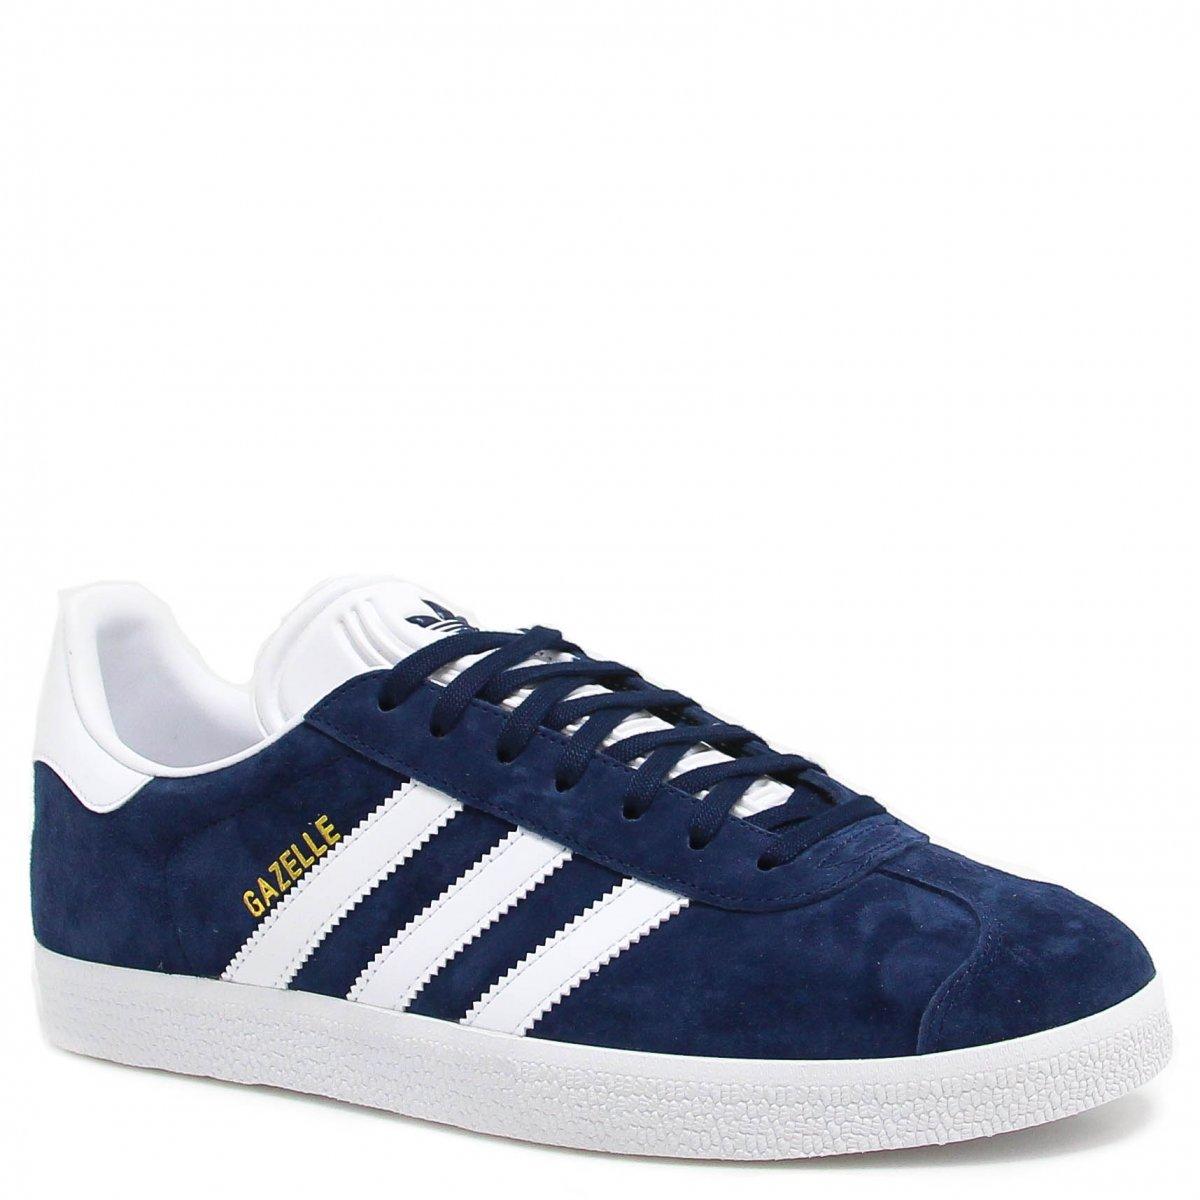 Tênis Adidas Originals Gazelle